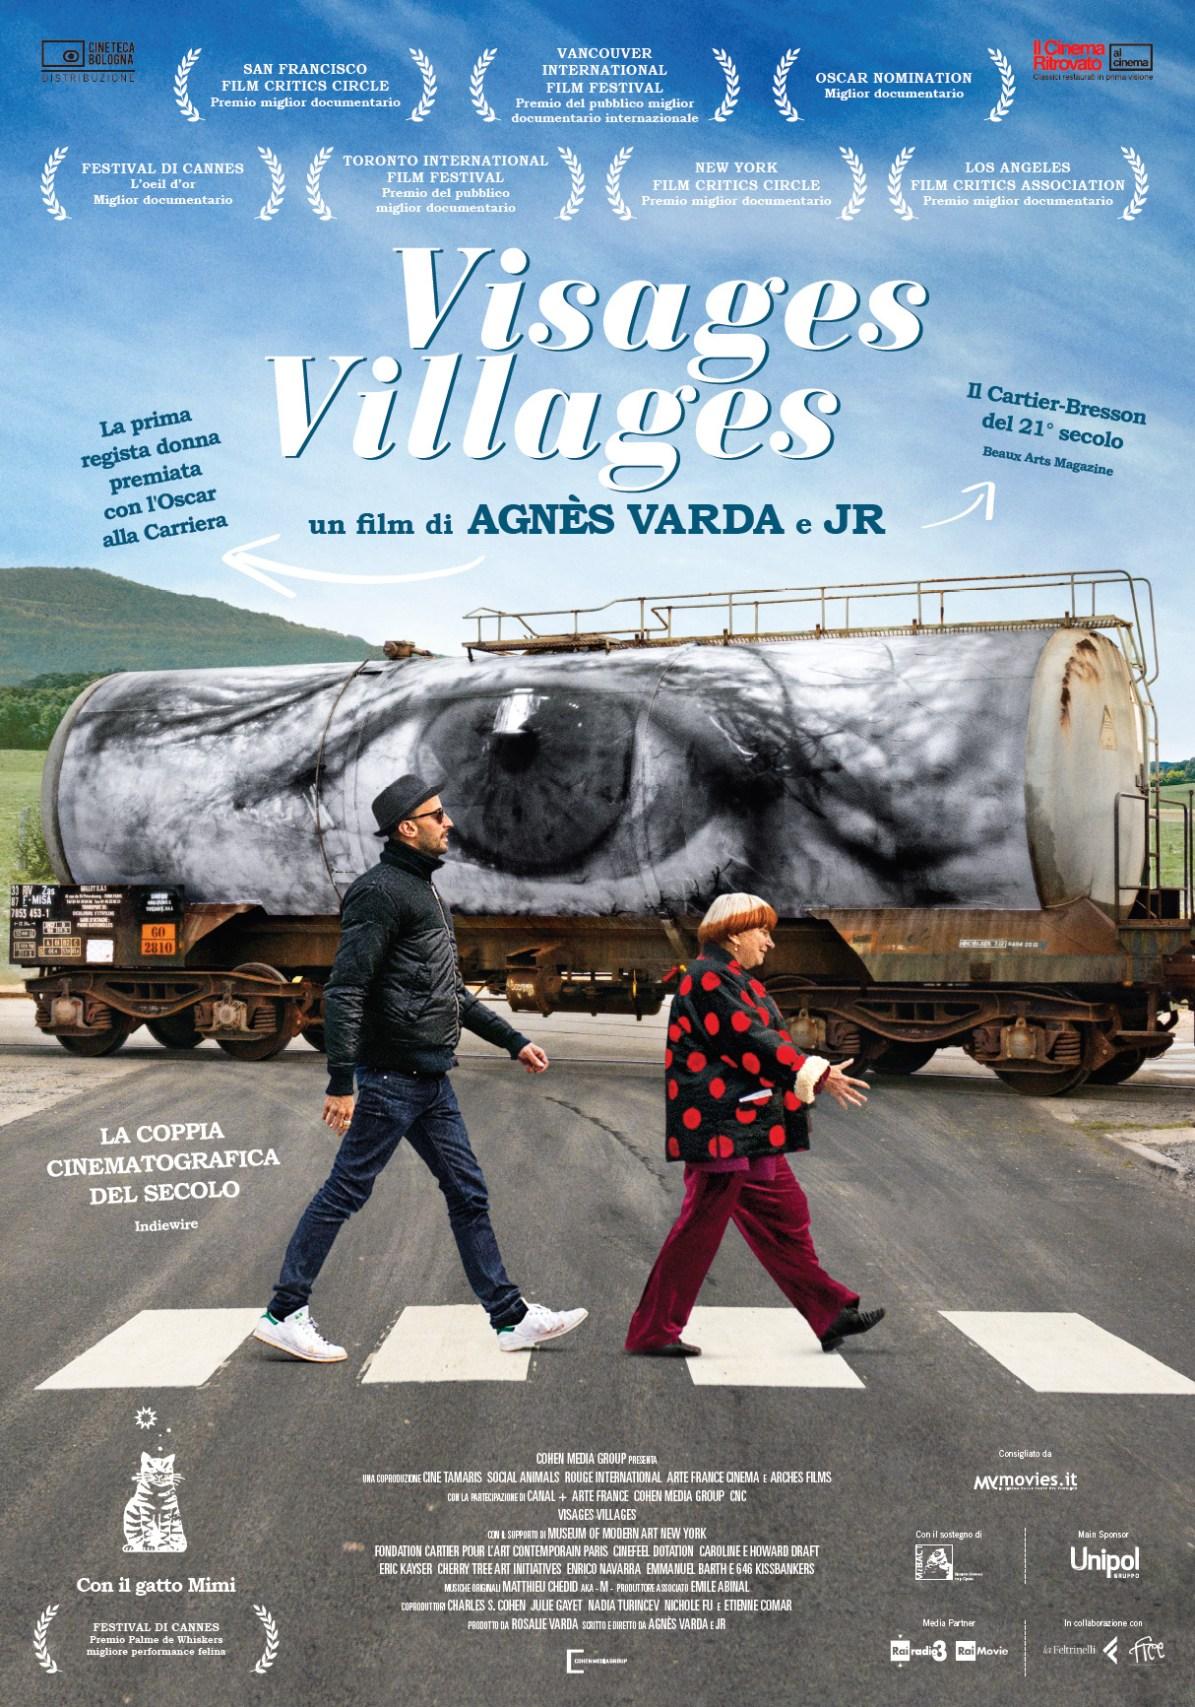 Visages, Villages un film di Agnès Varda e JR, locandina